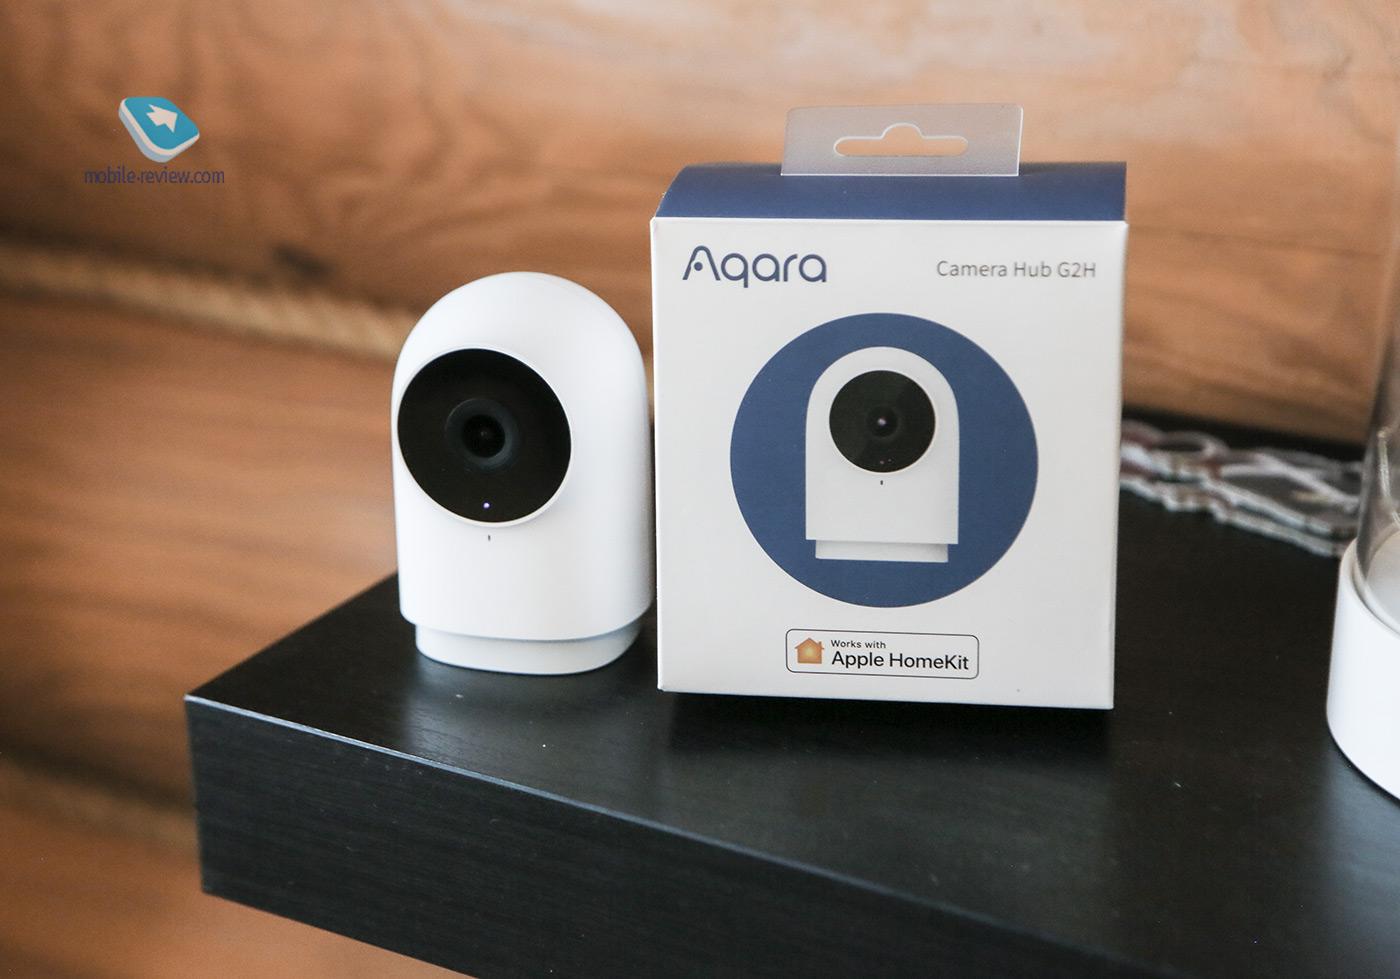 Обзор умной камеры и центра умного дома - Aqara G2H